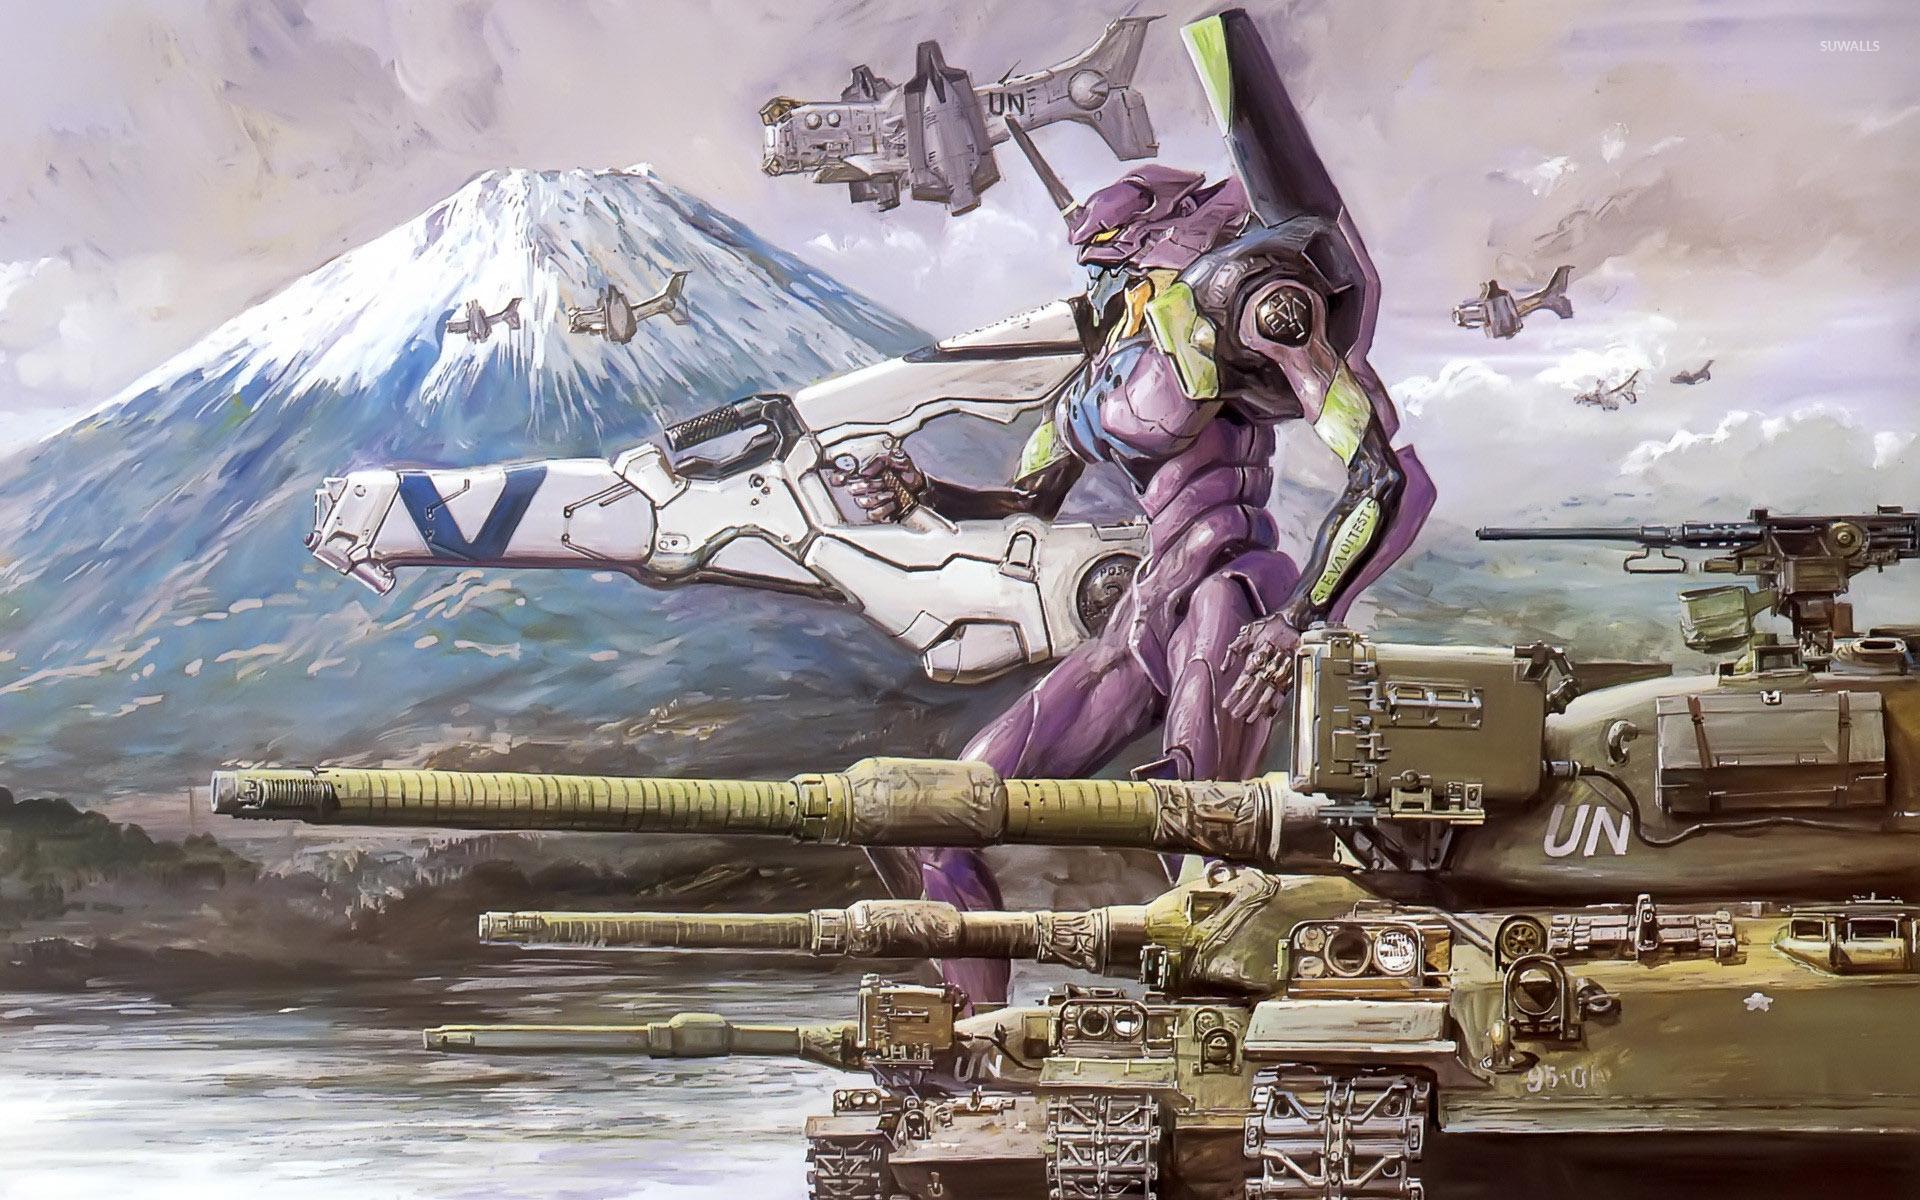 エヴァンゲリオンと戦車